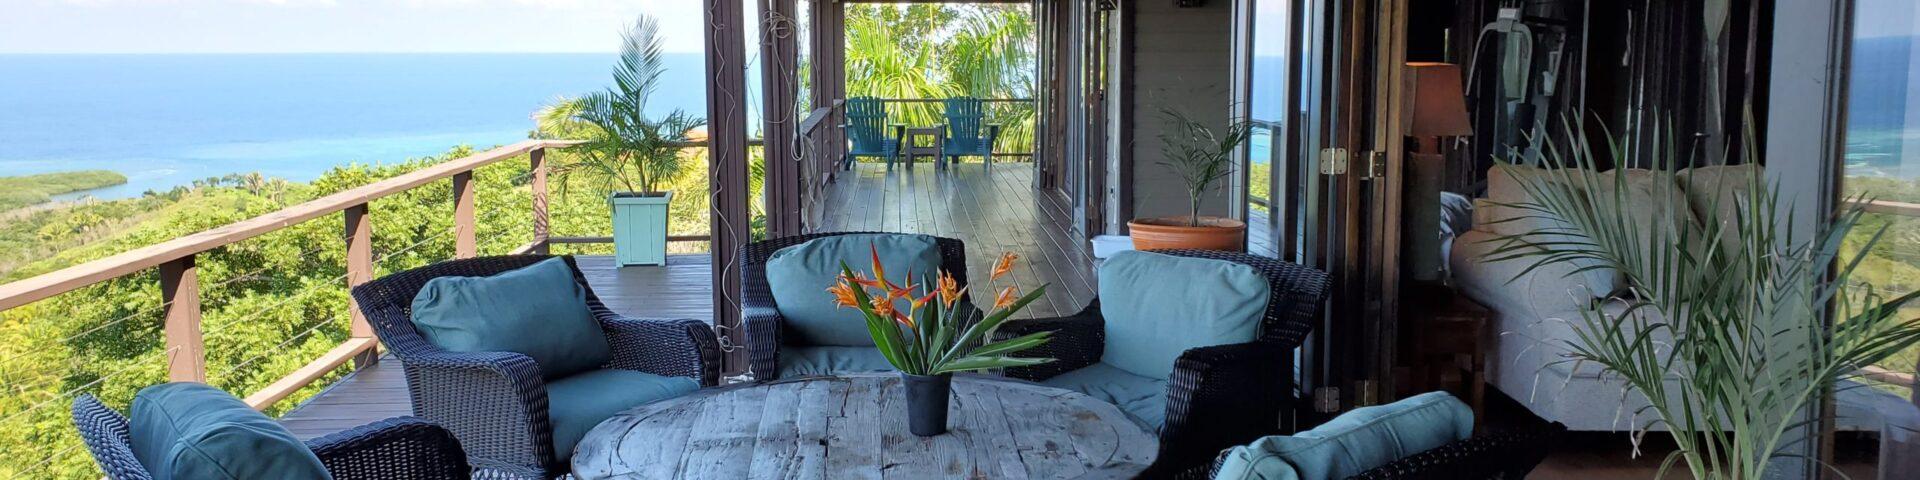 El Mirador - porch with a view in Roatan